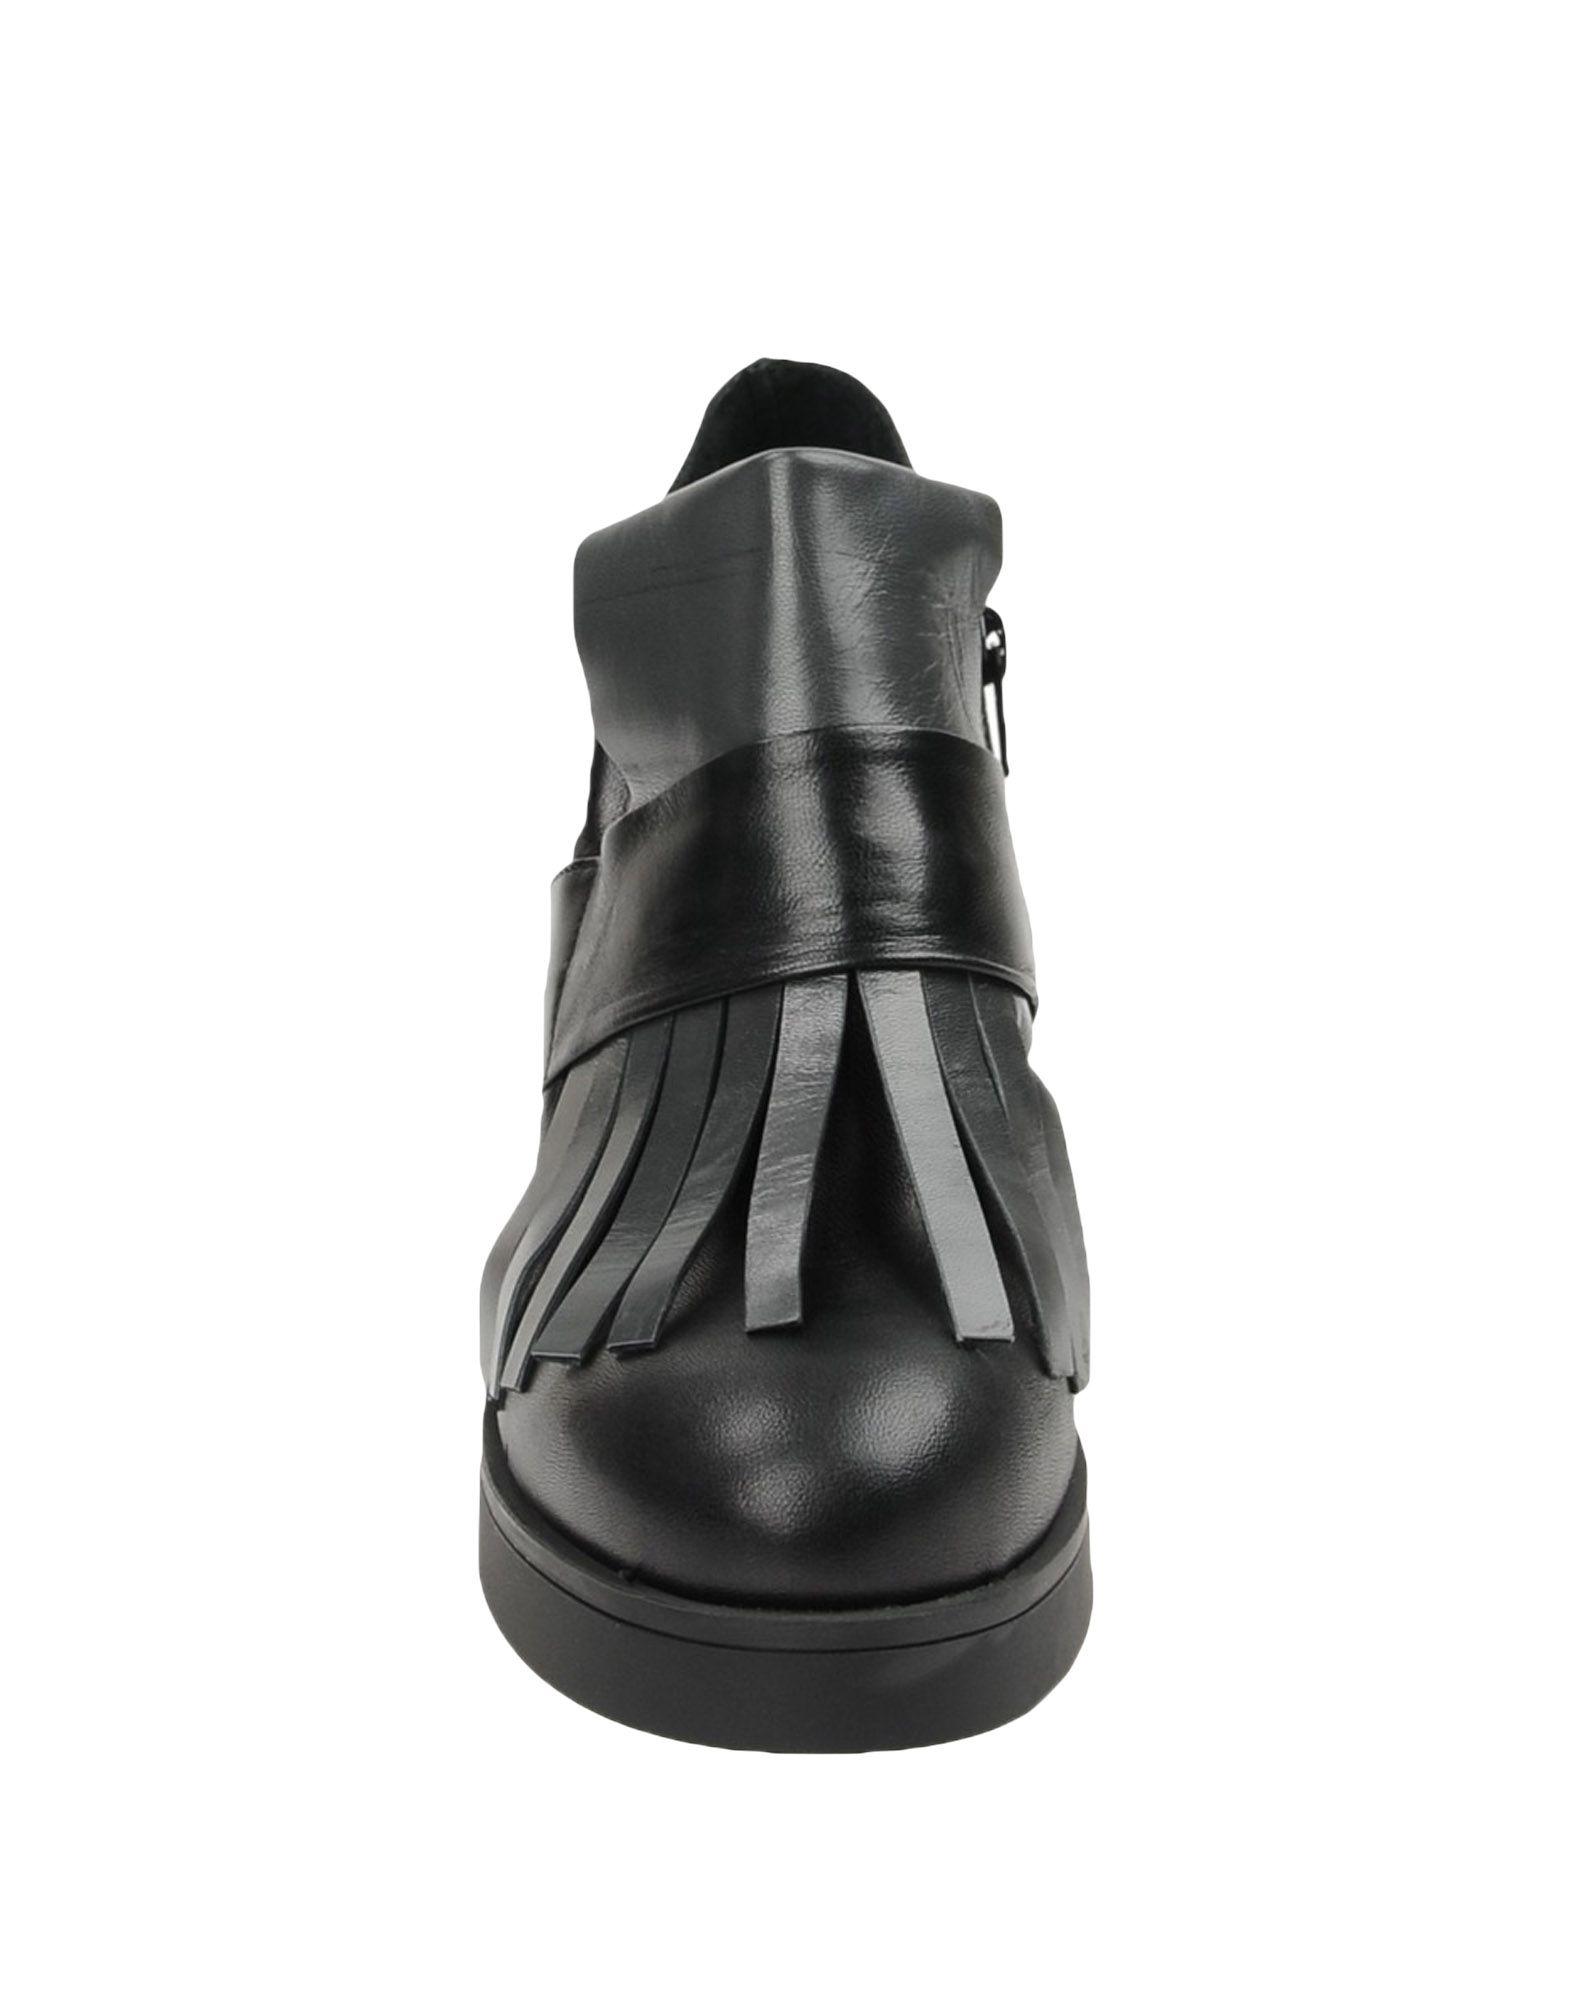 Get It Stiefelette Damen beliebte 11337463NH Gute Qualität beliebte Damen Schuhe efbd6c